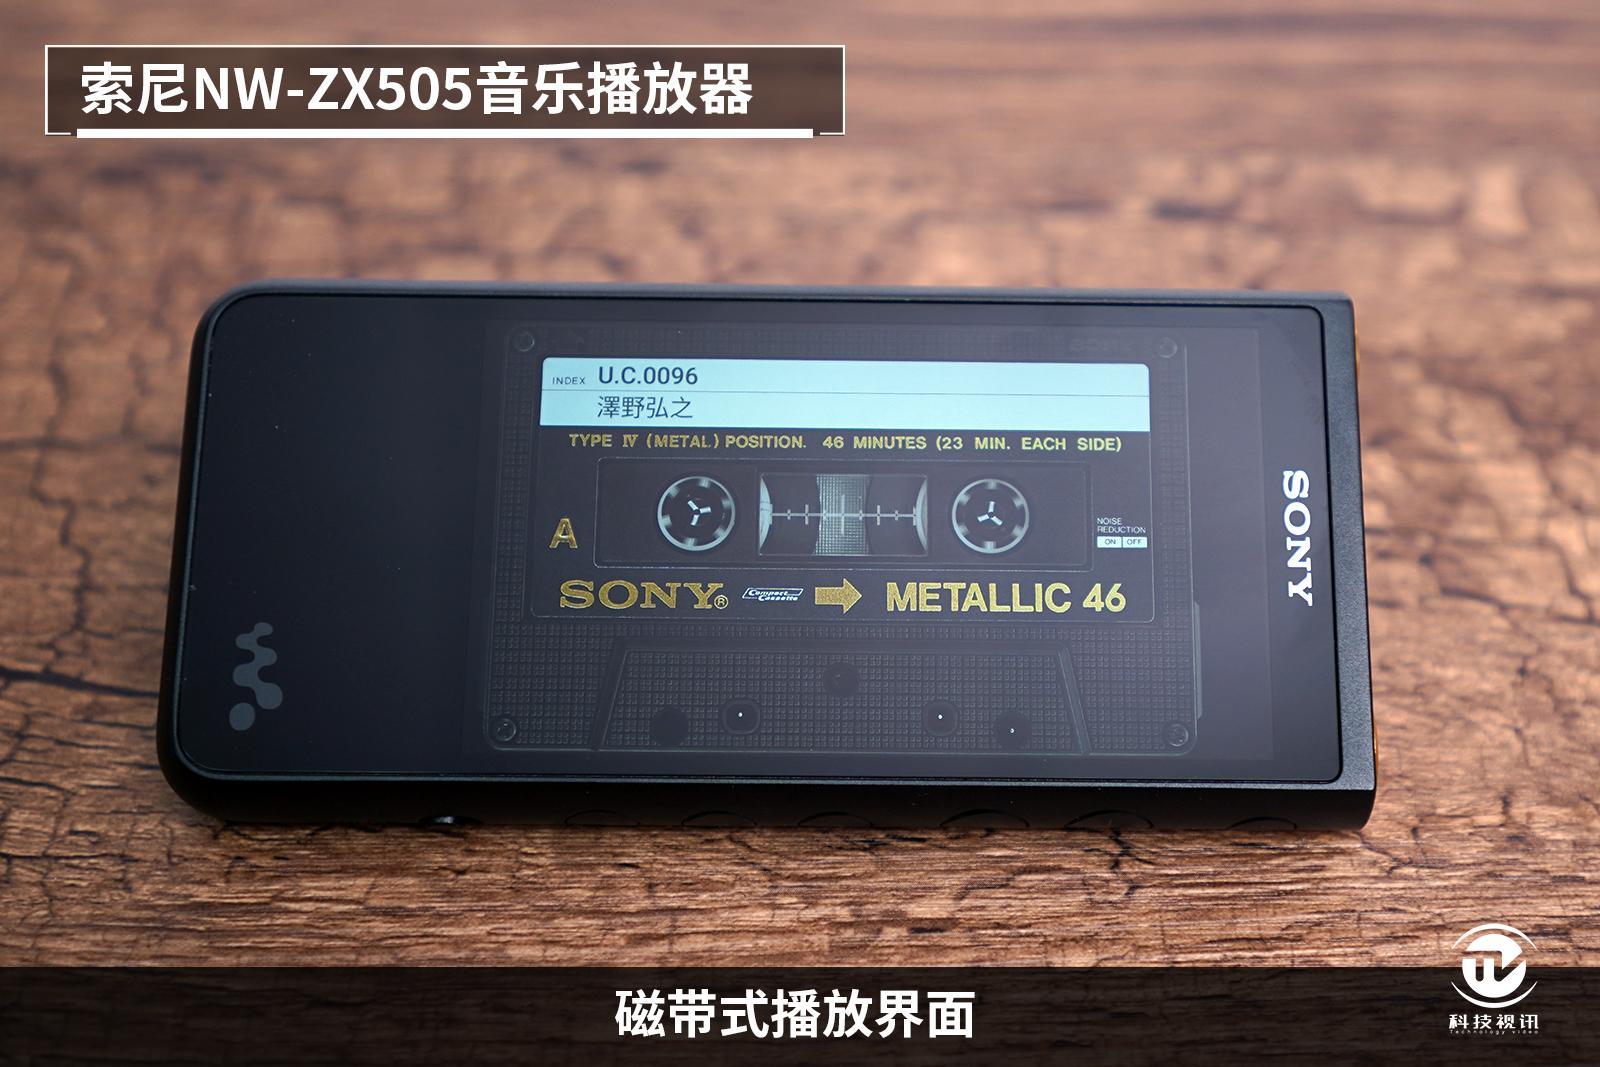 索尼NW-ZX505磁带.jpg